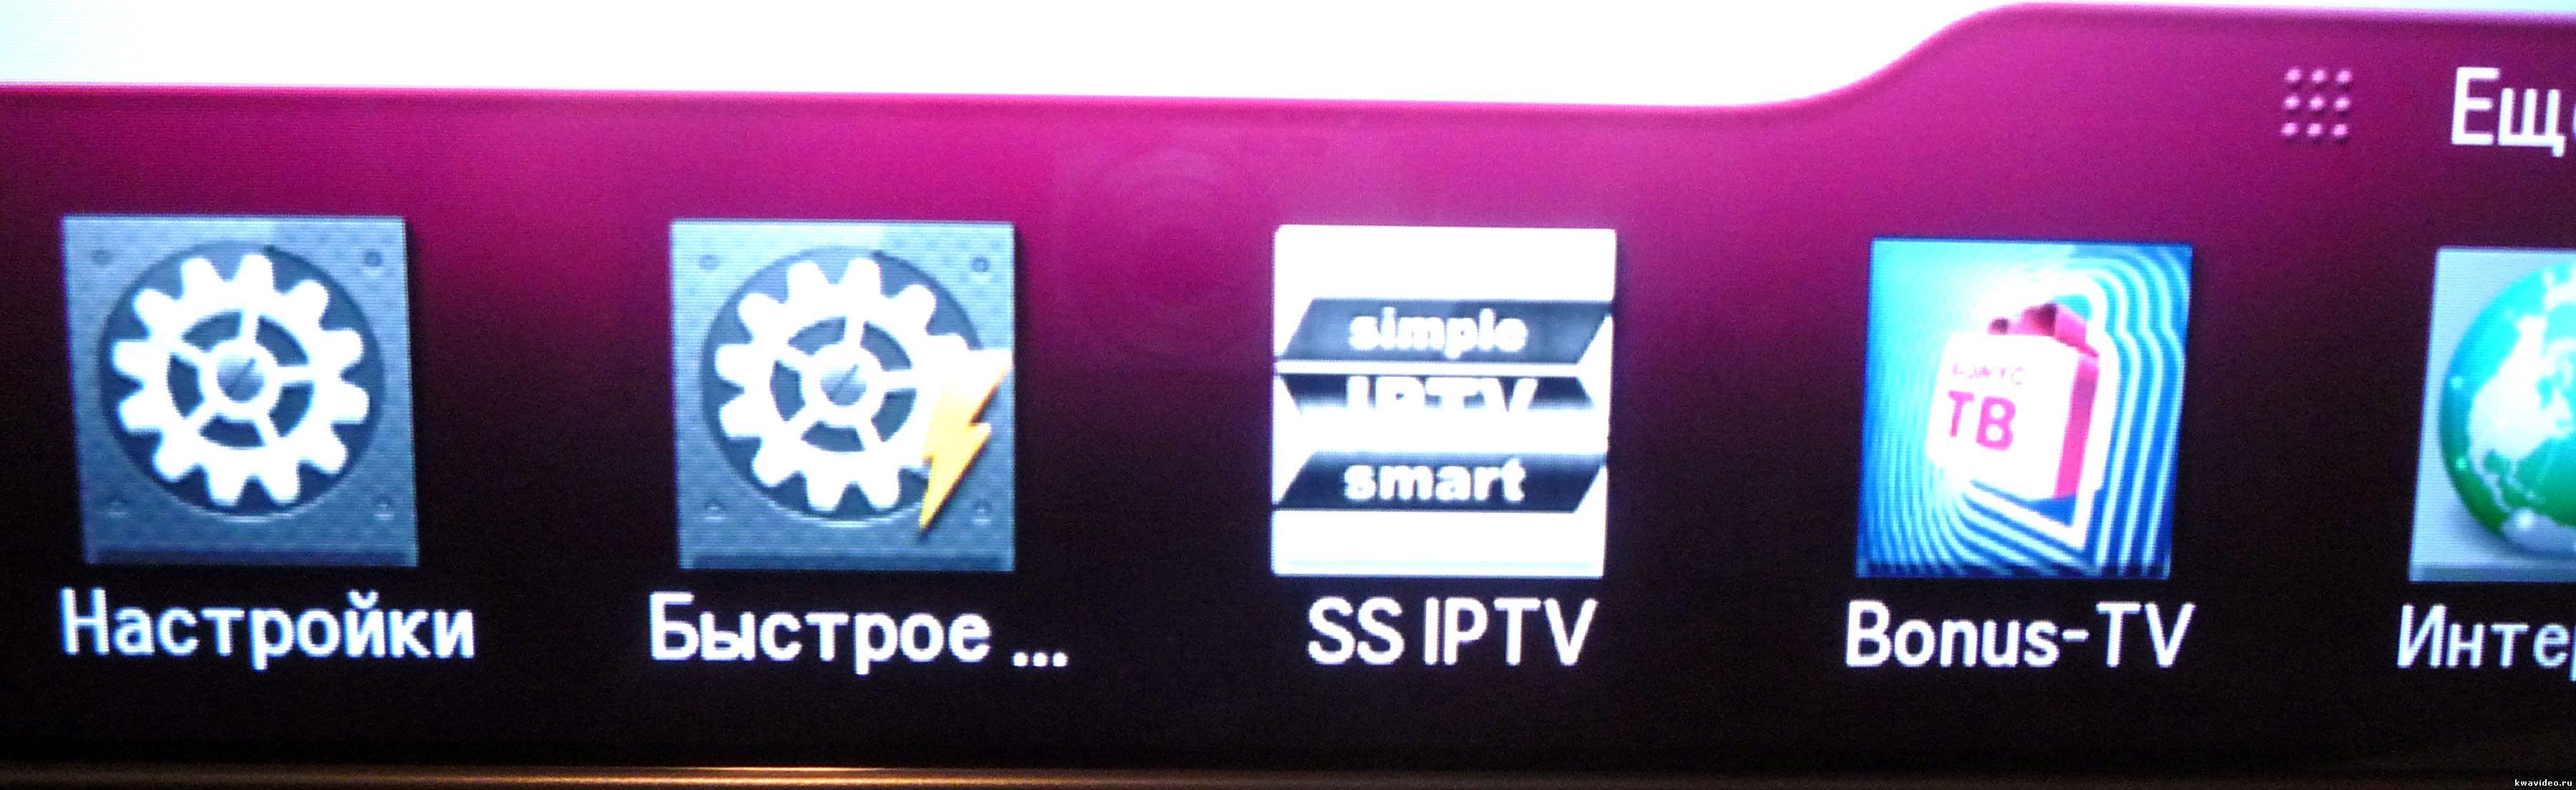 SS IPTV в телевизорах LG